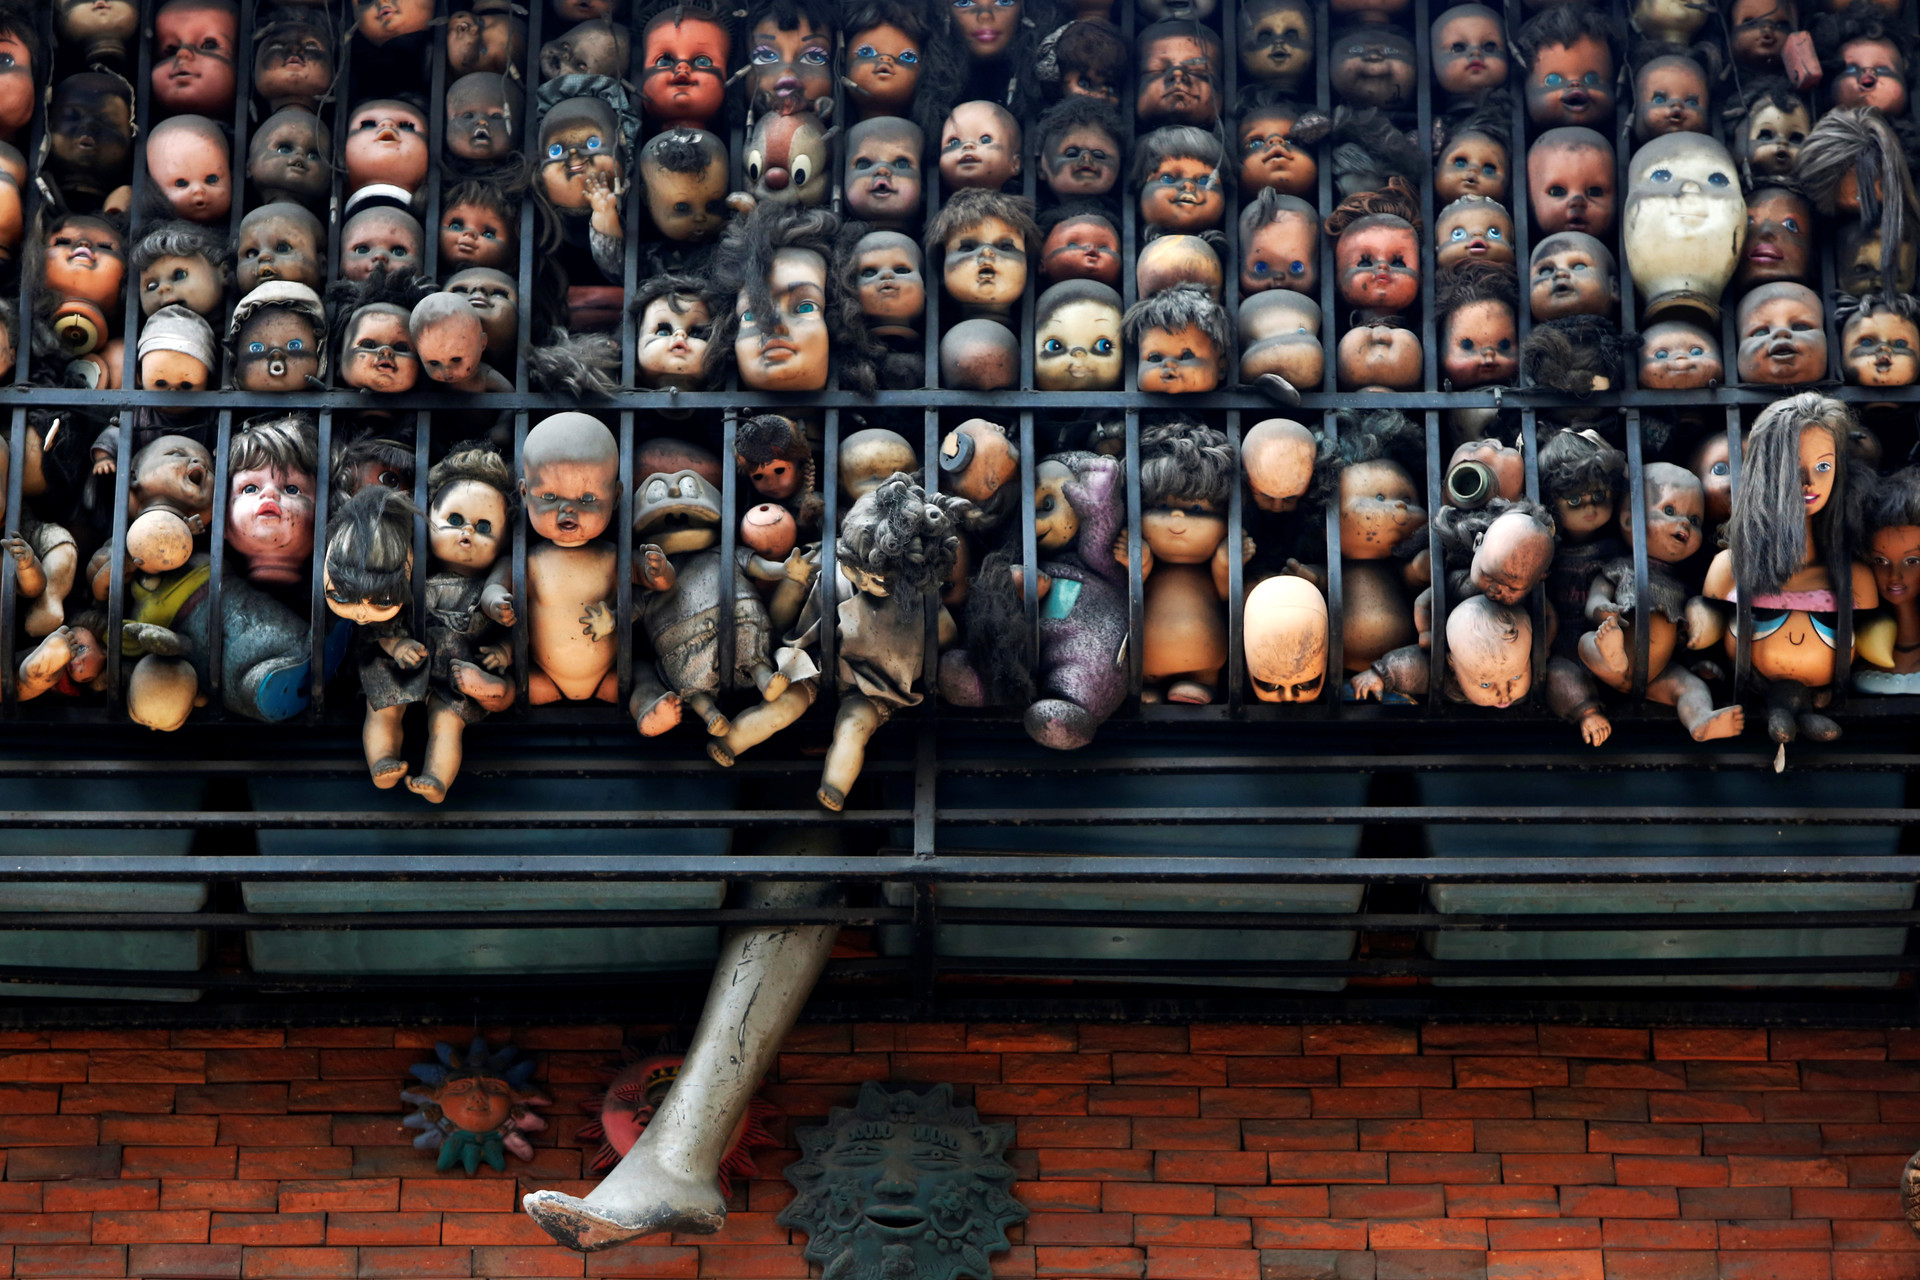 Varias muñecas en el balcón del domicilio de la artista y coleccionista Etanis González ubicado en Caracas, Venezuela